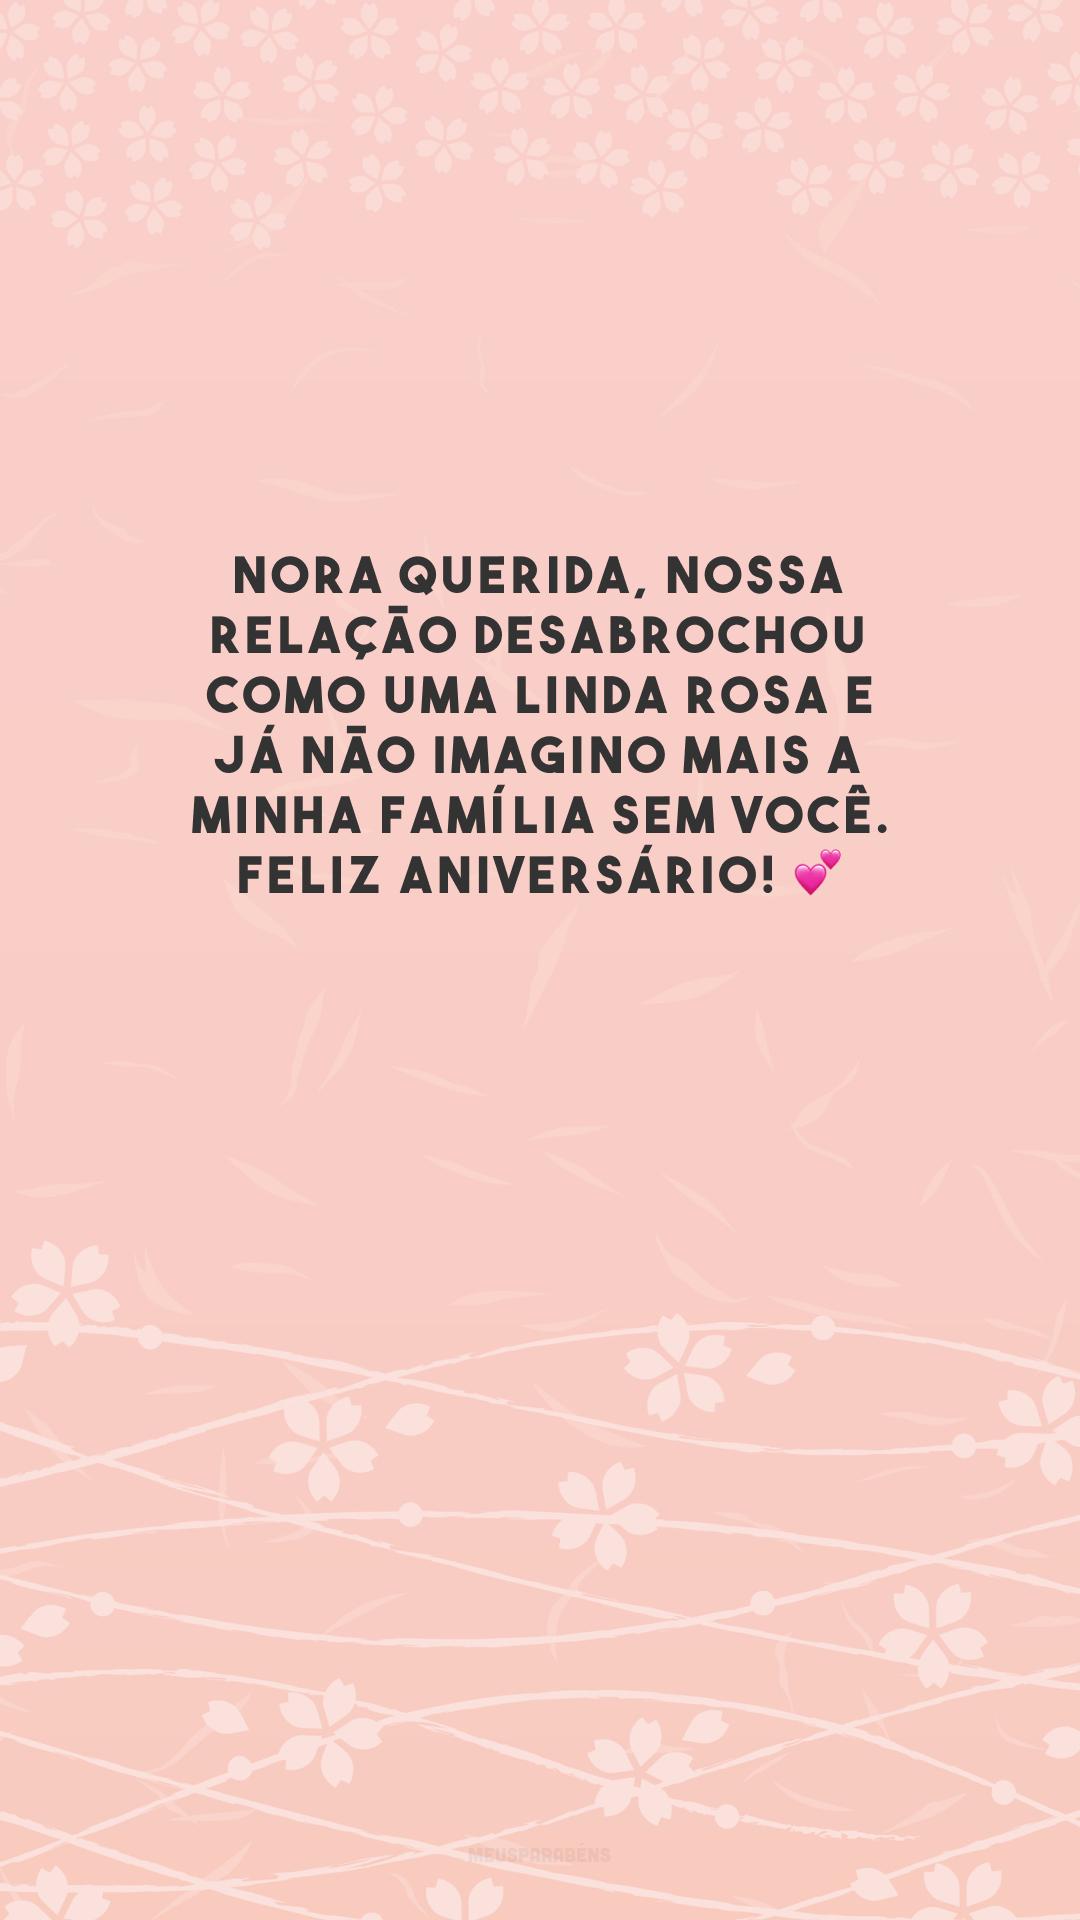 Nora querida, nossa relação desabrochou como uma linda rosa e já não imagino mais a minha família sem você. Feliz aniversário! 💕